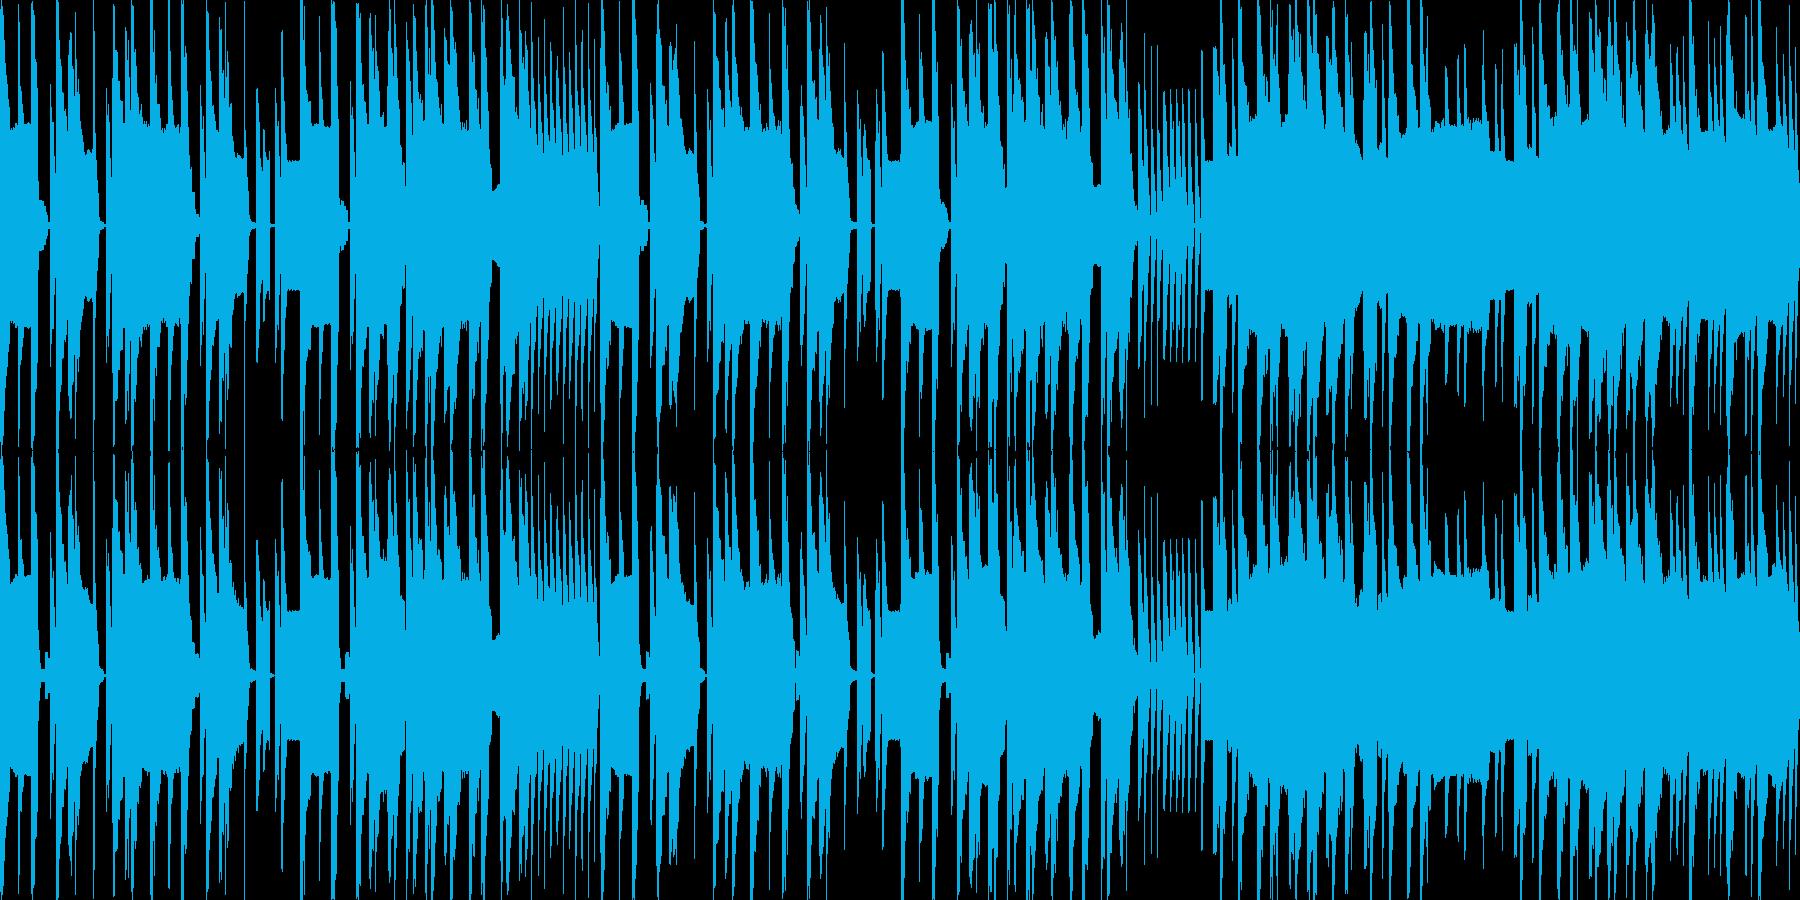 ループ素材リズミカルなファミコン風ジャズの再生済みの波形